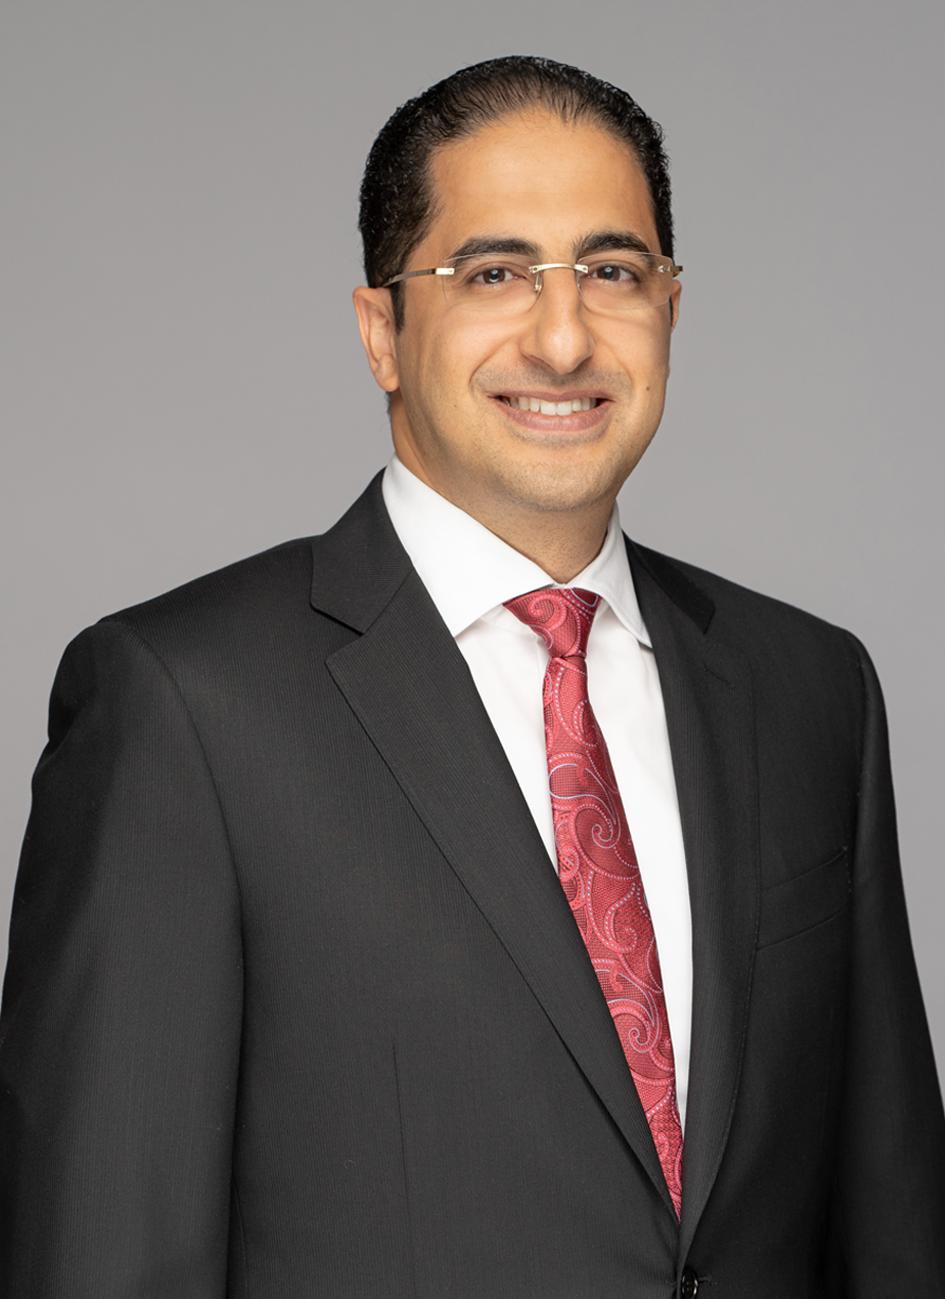 Mohammed Al Lahham